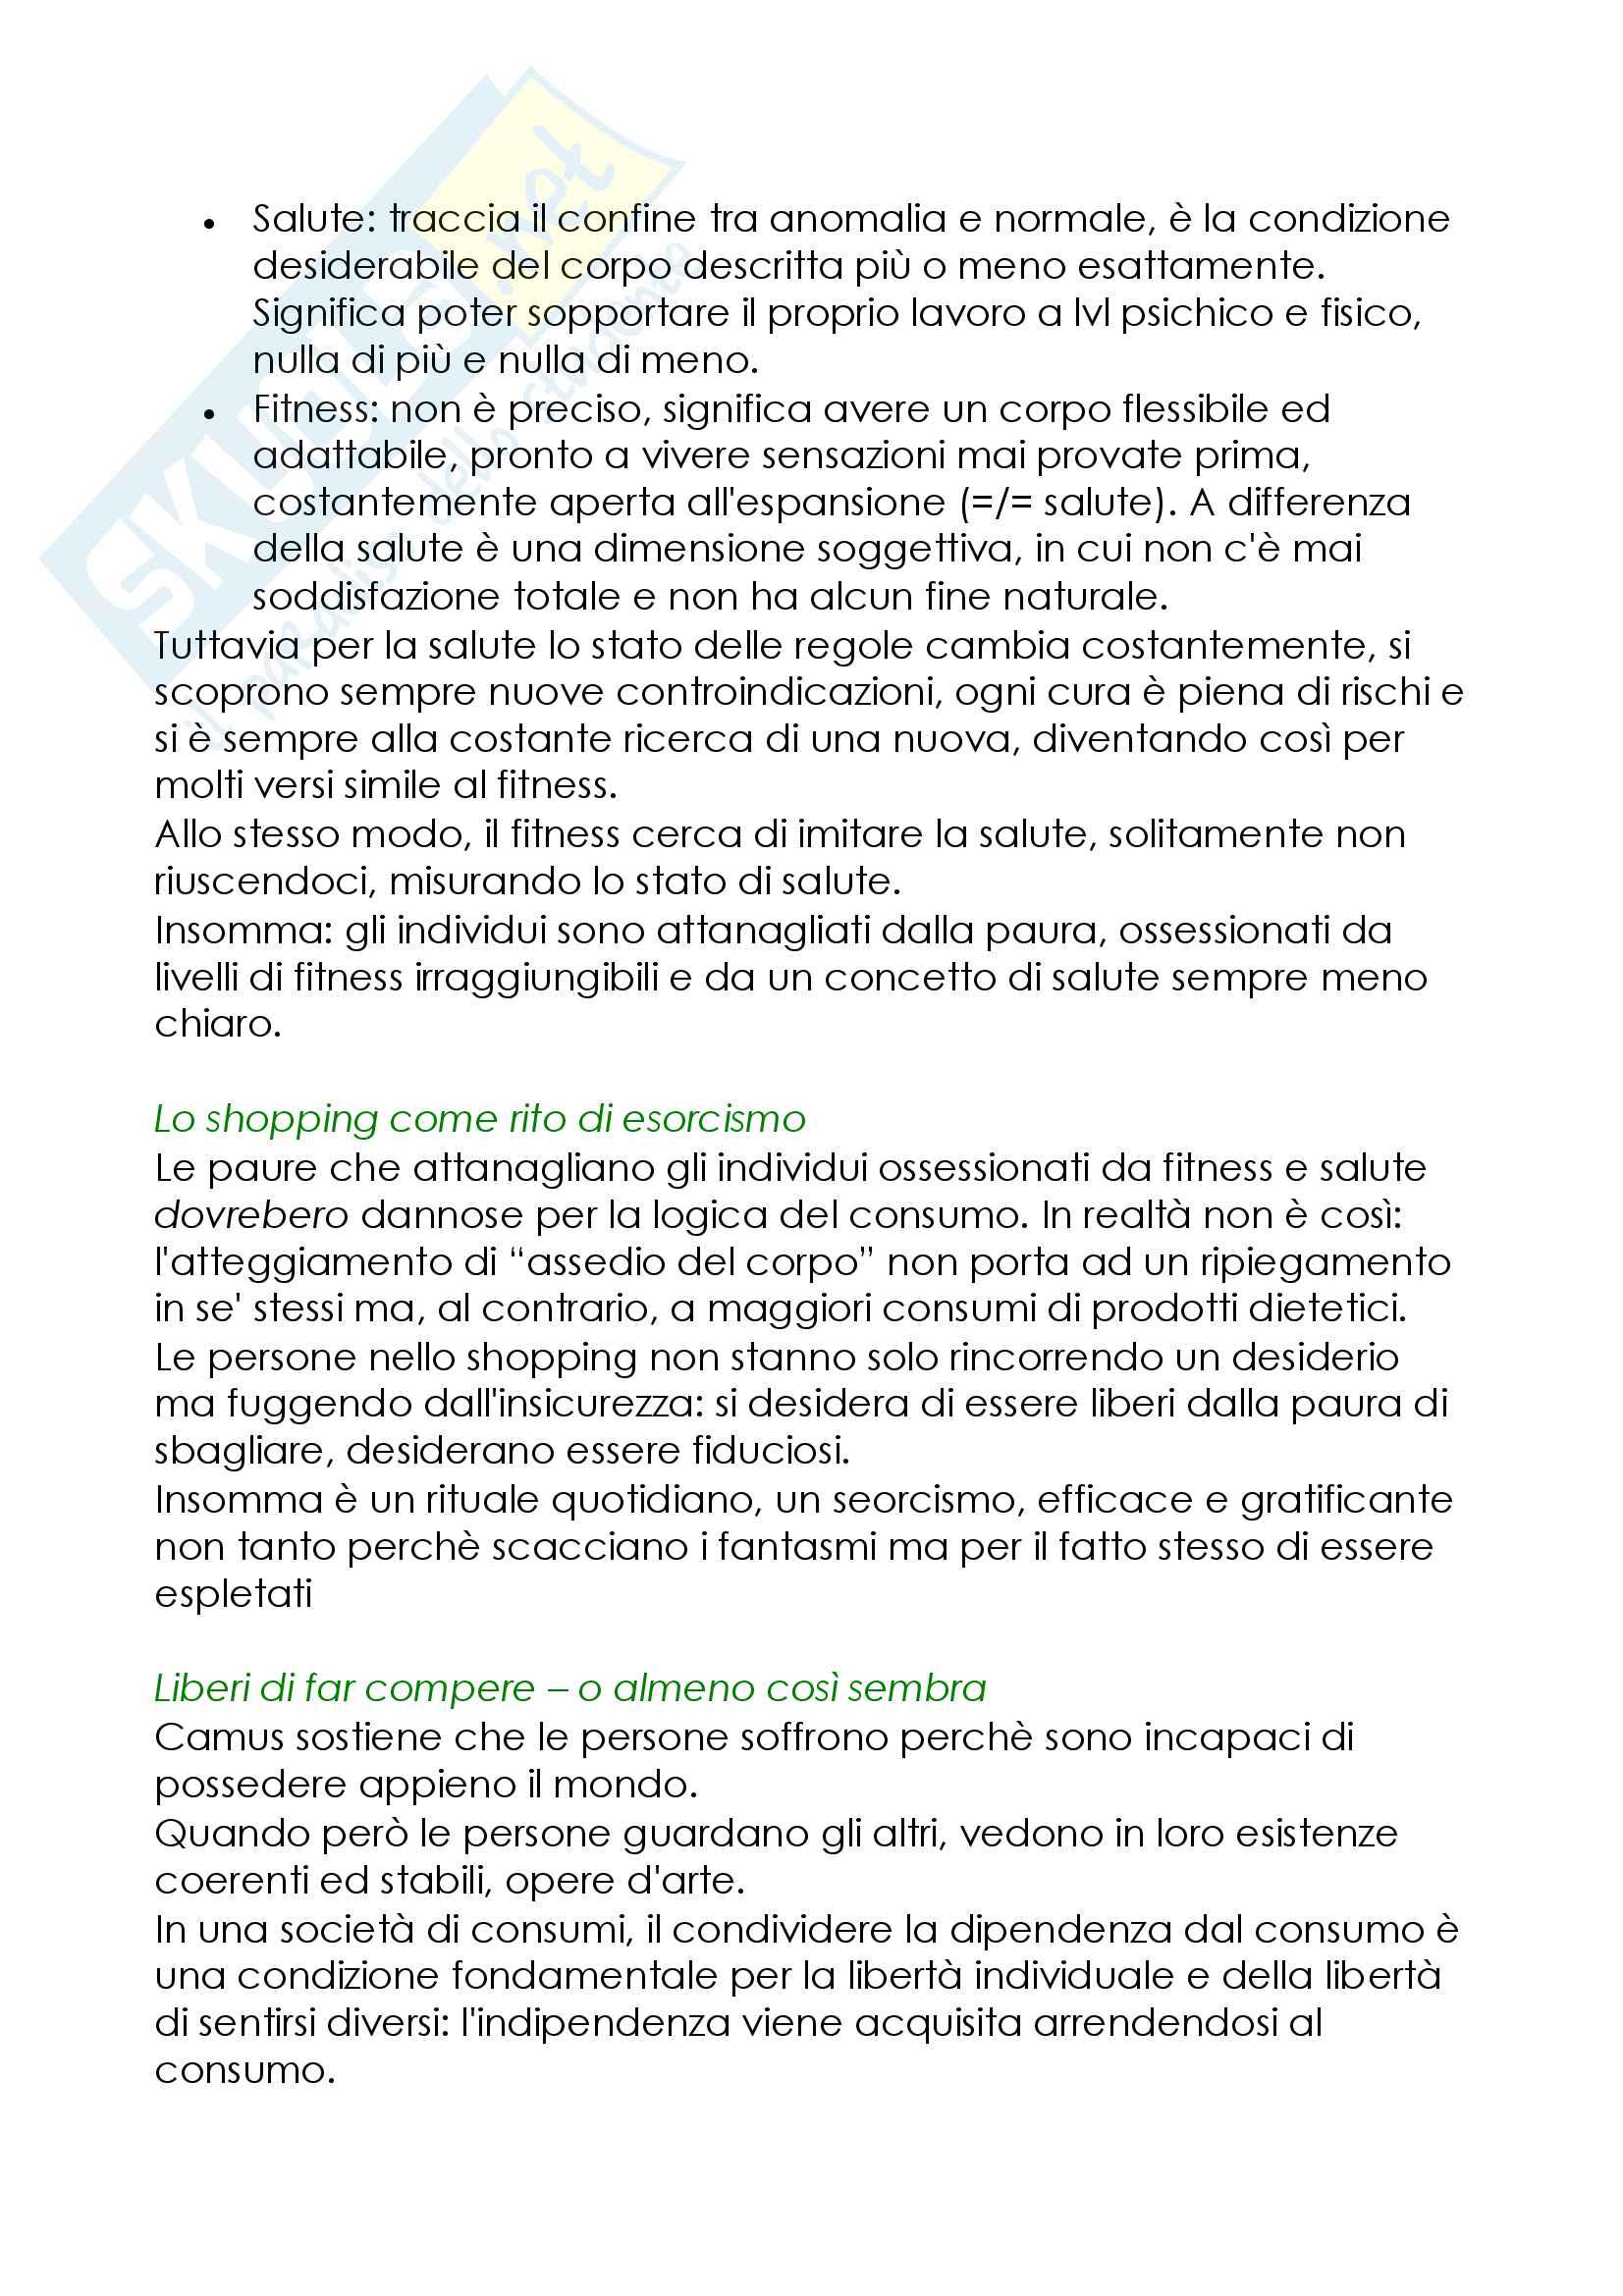 Riassunto esame Sociologia della cultura, prof. De Biasi, libro consigliato Modernità Liquida, Zygmunt Bauman Pag. 11